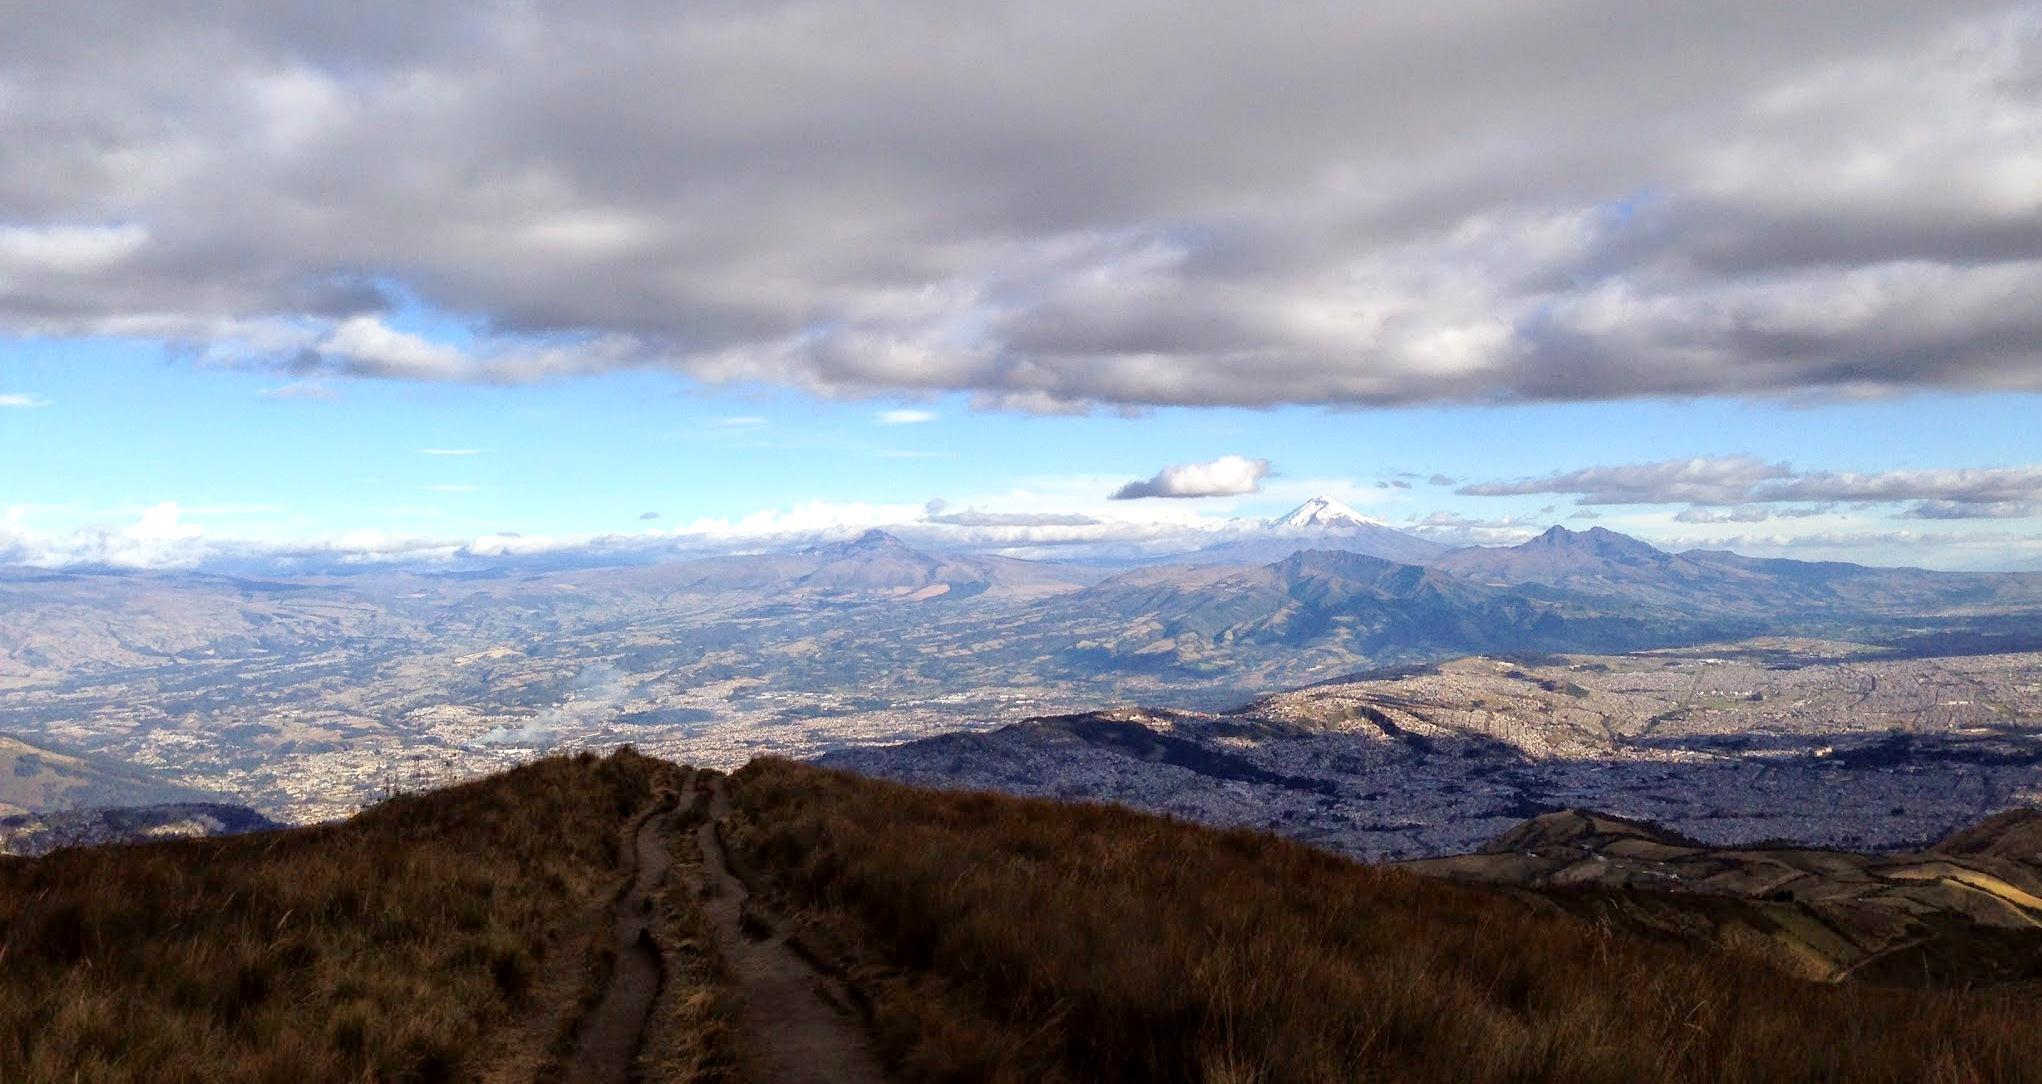 Vista do alto da trilha para o Vulcão Pichincha